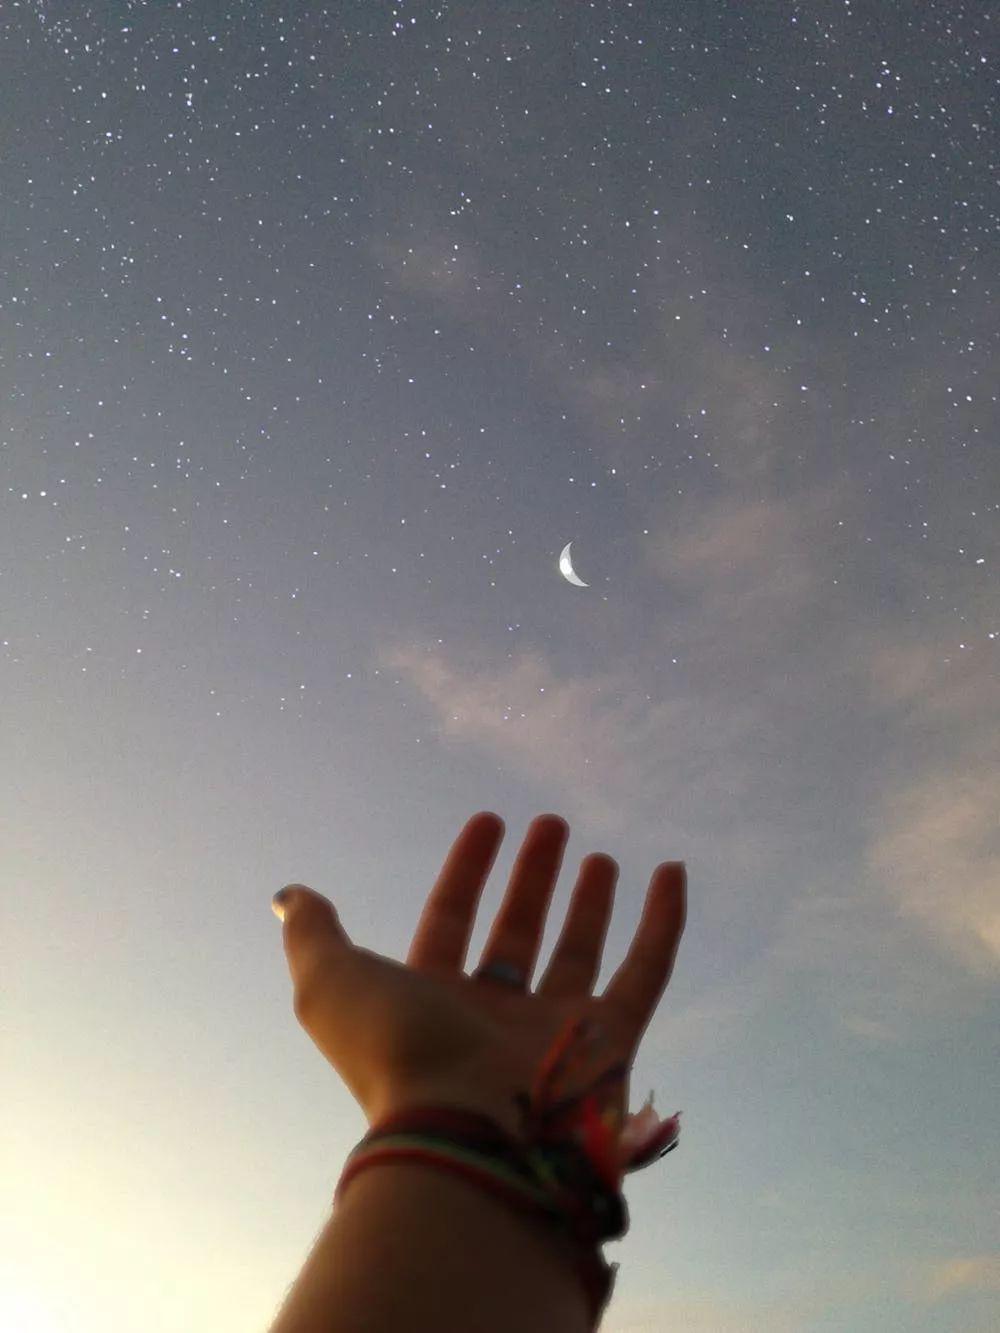 空调wifi西瓜,都比不上星空下的夜晚!